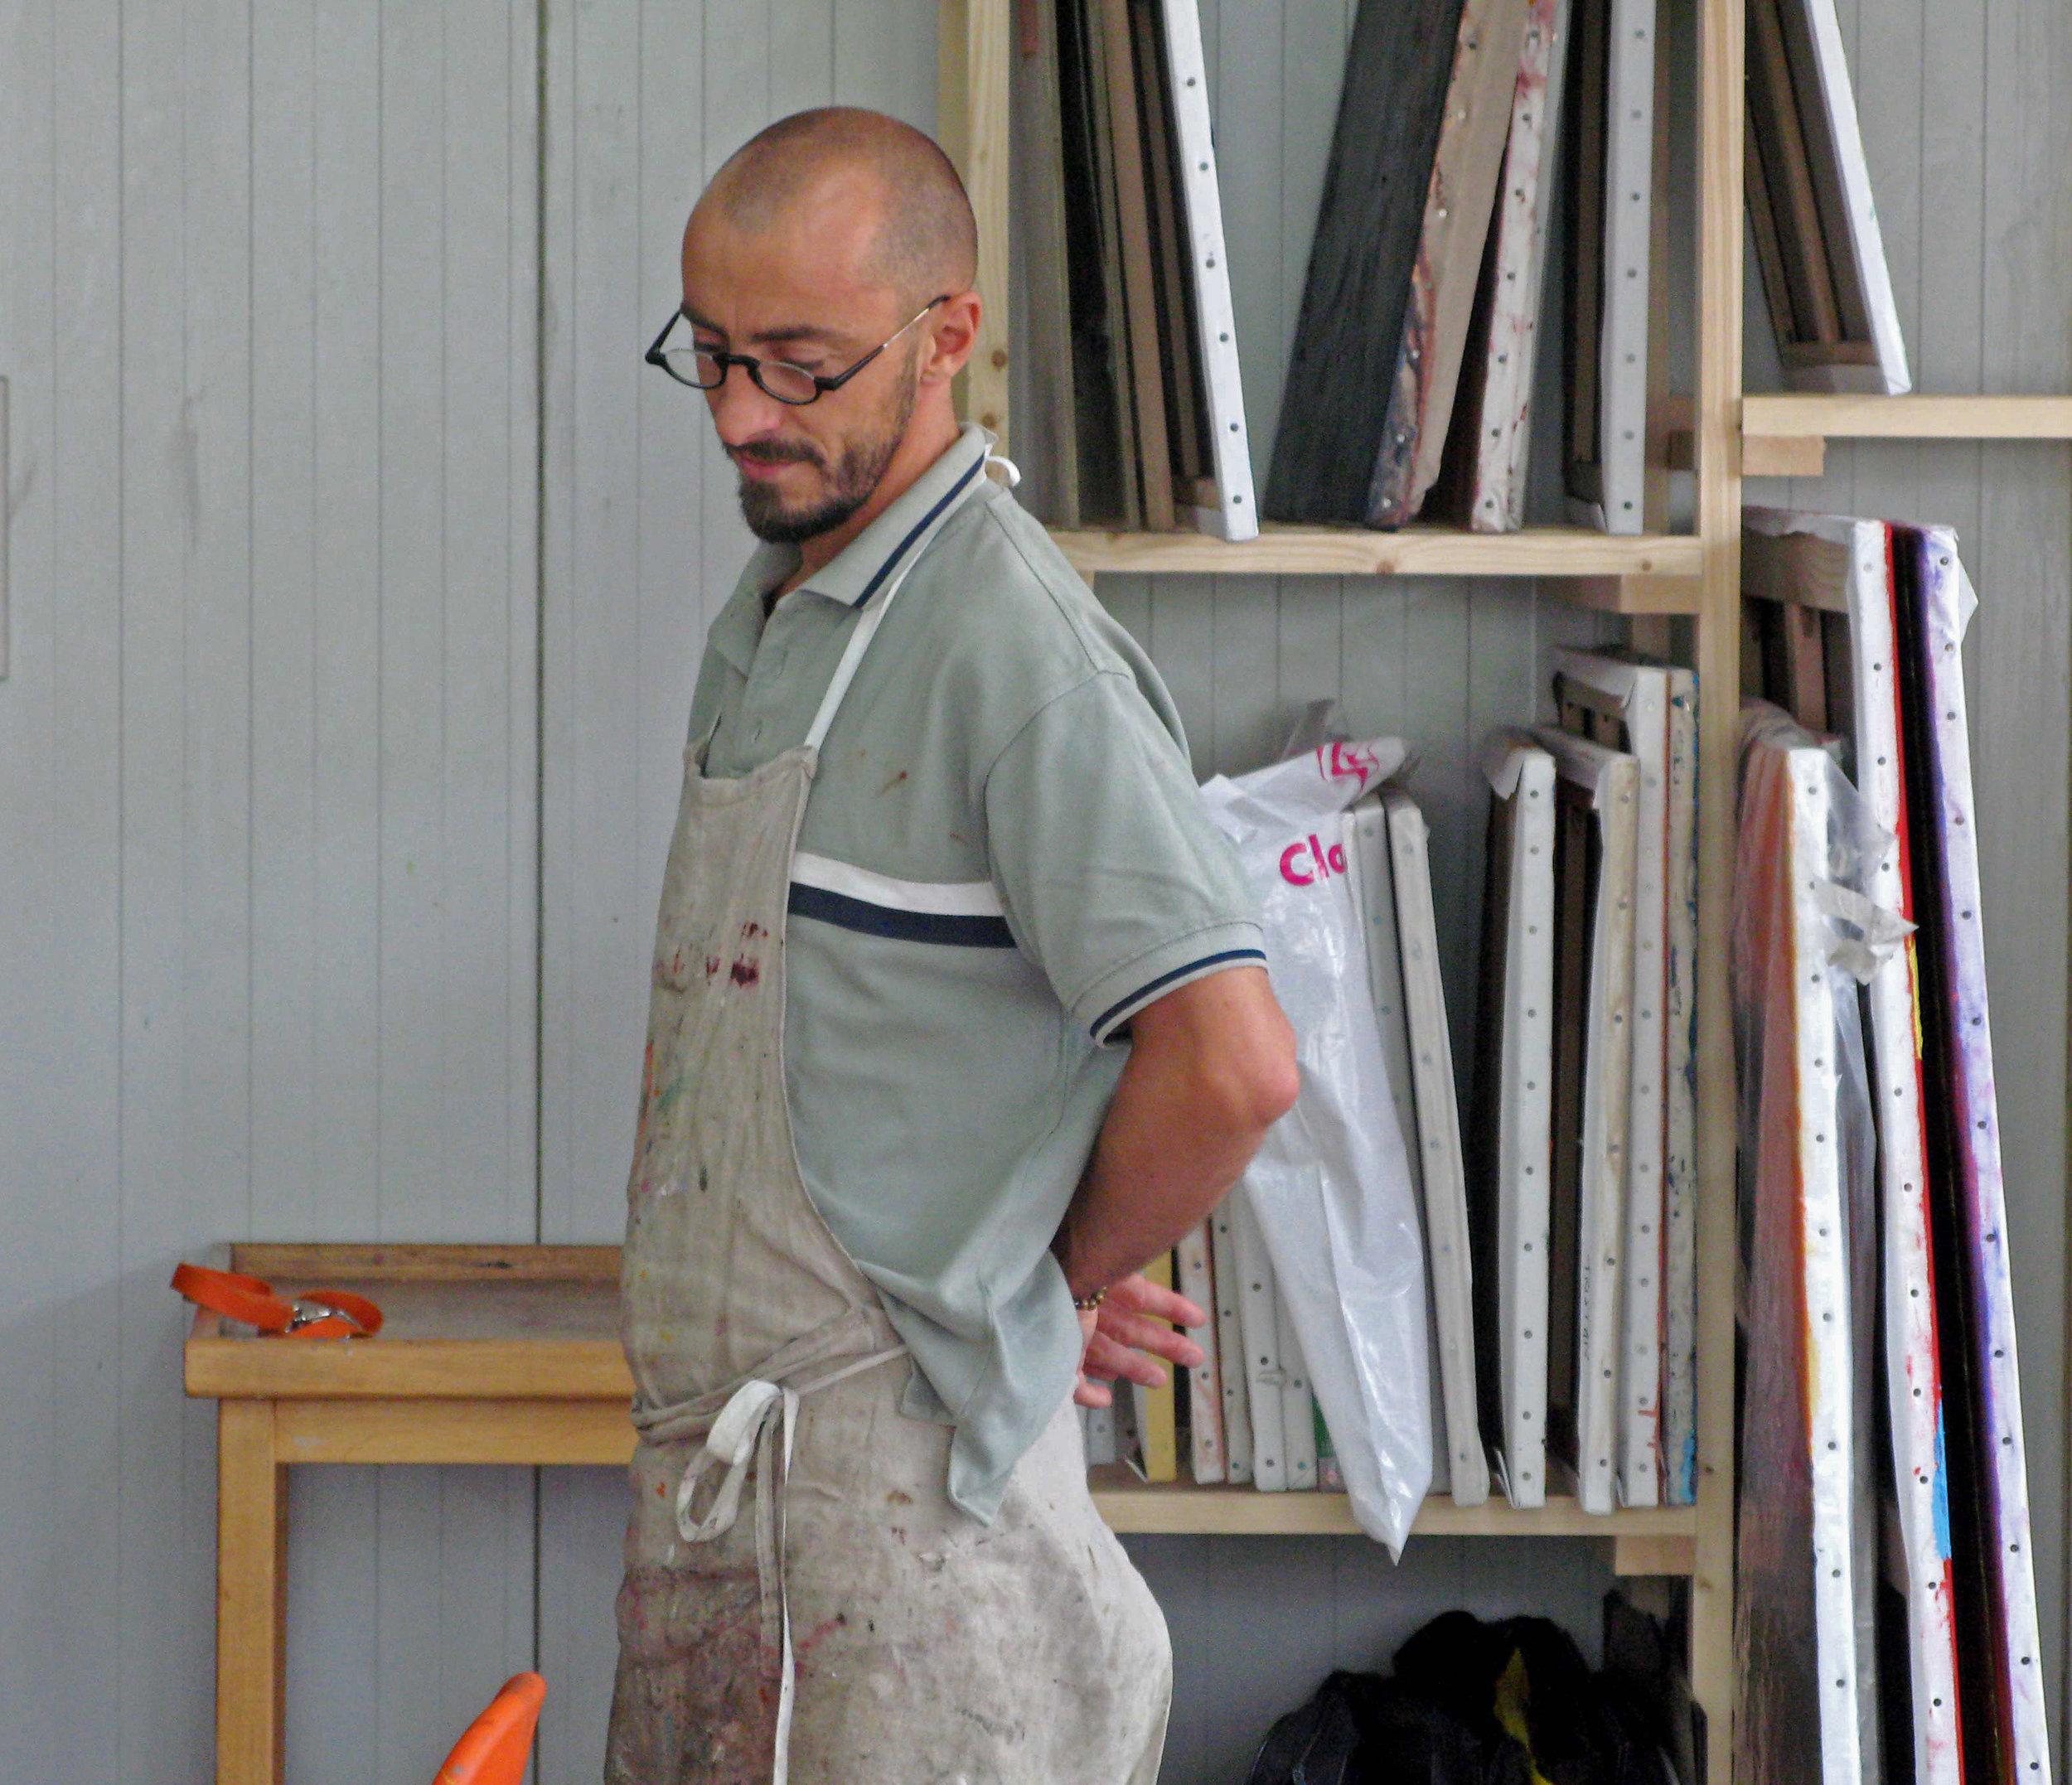 edgar-saillen-atelier-peinture-paris-vincennes-fontenay-sous-bois.jpg